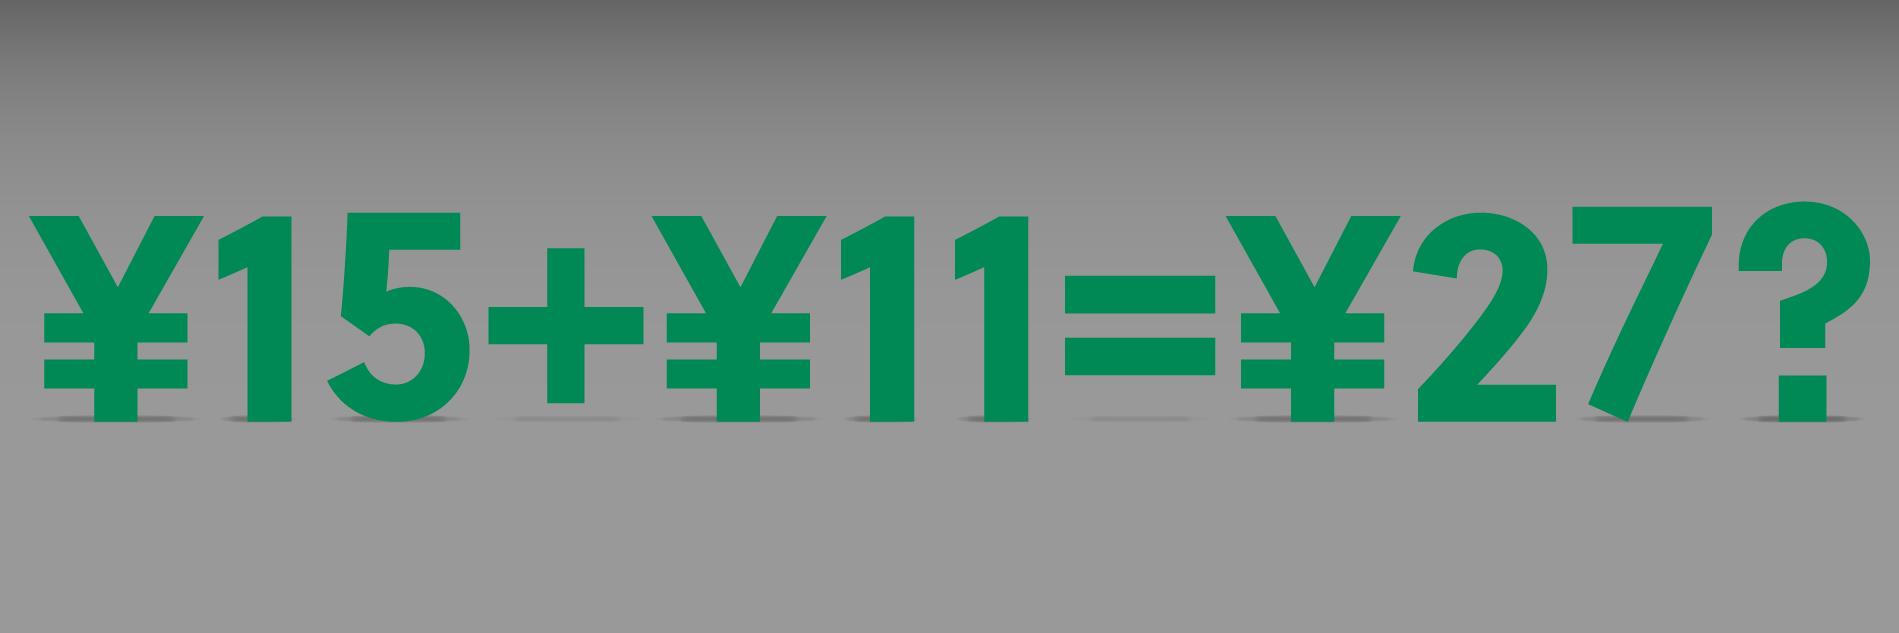 Excelにお金の計算は不向きなのでは?